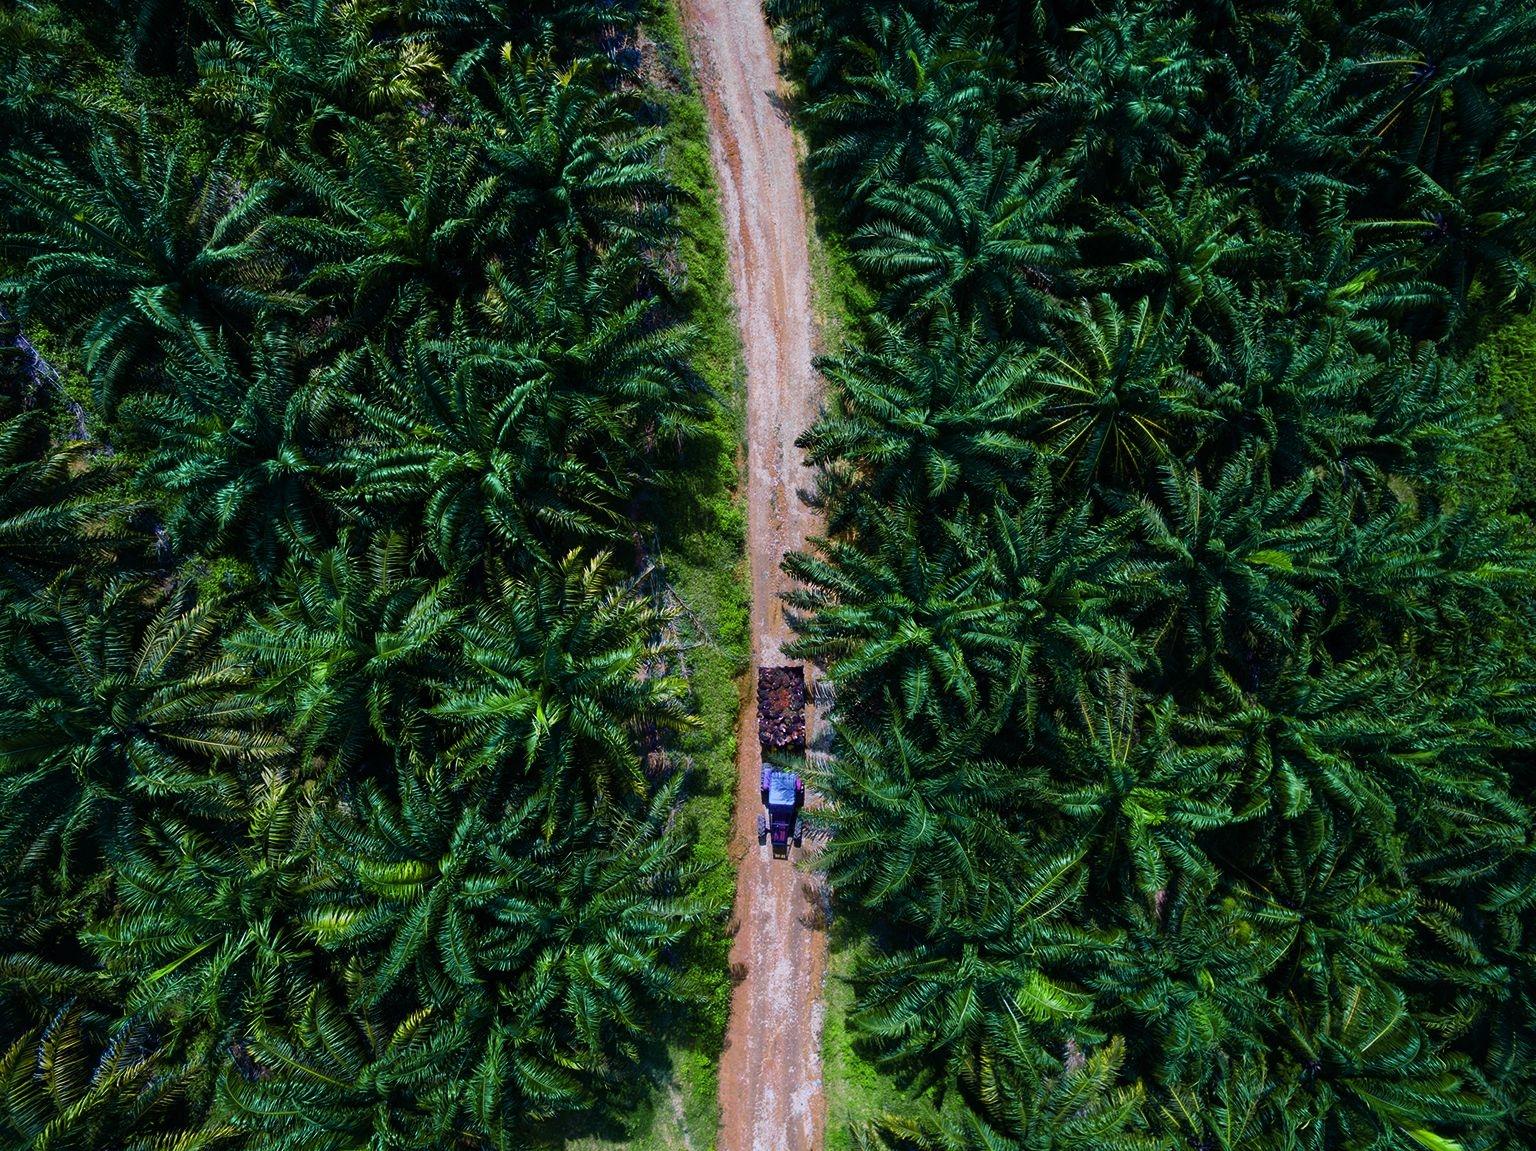 馬來西亞: 一串串油棕果實經人工採收後,由卡車載到馬來西亞本土的榨油廠處理。每公頃油棕生產的油比其他任何作物都多。由於這種全世界最受歡迎的植物油需求暴增,造成最大生產國印尼與馬來西亞的森林遭大規模砍伐、野生動物流失。PASCAL MAITRE